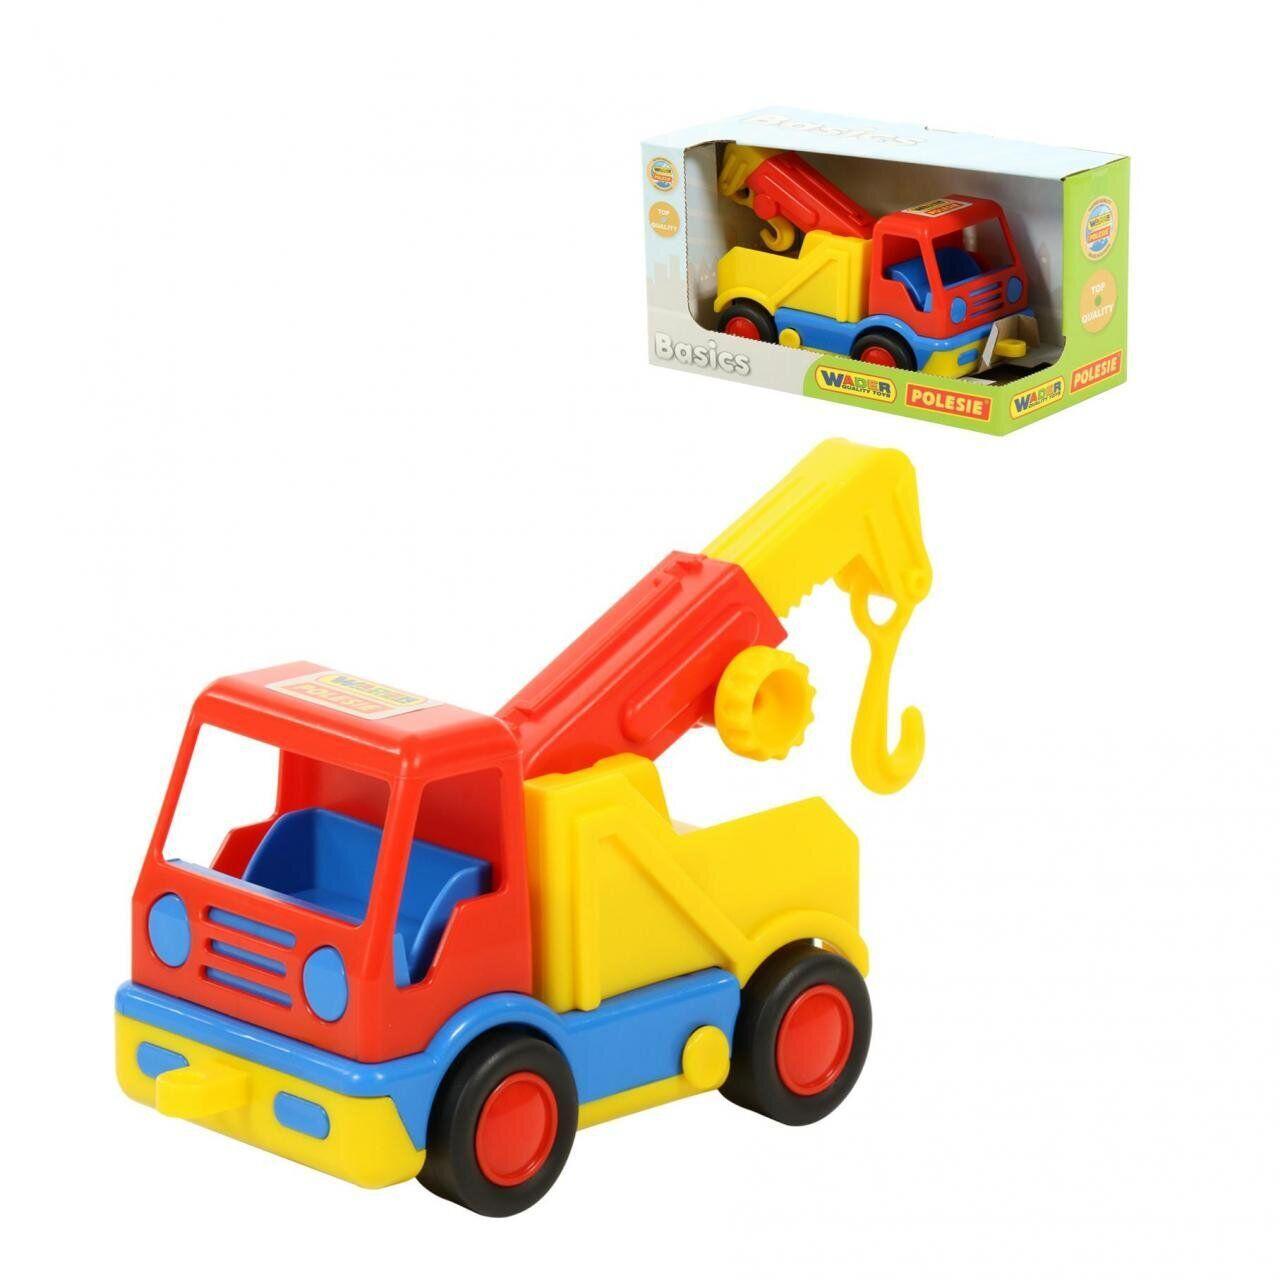 """Игрушка WADER-POLESIE """"Базик"""", автомобиль-эвакуатор в коробке, (37633)"""